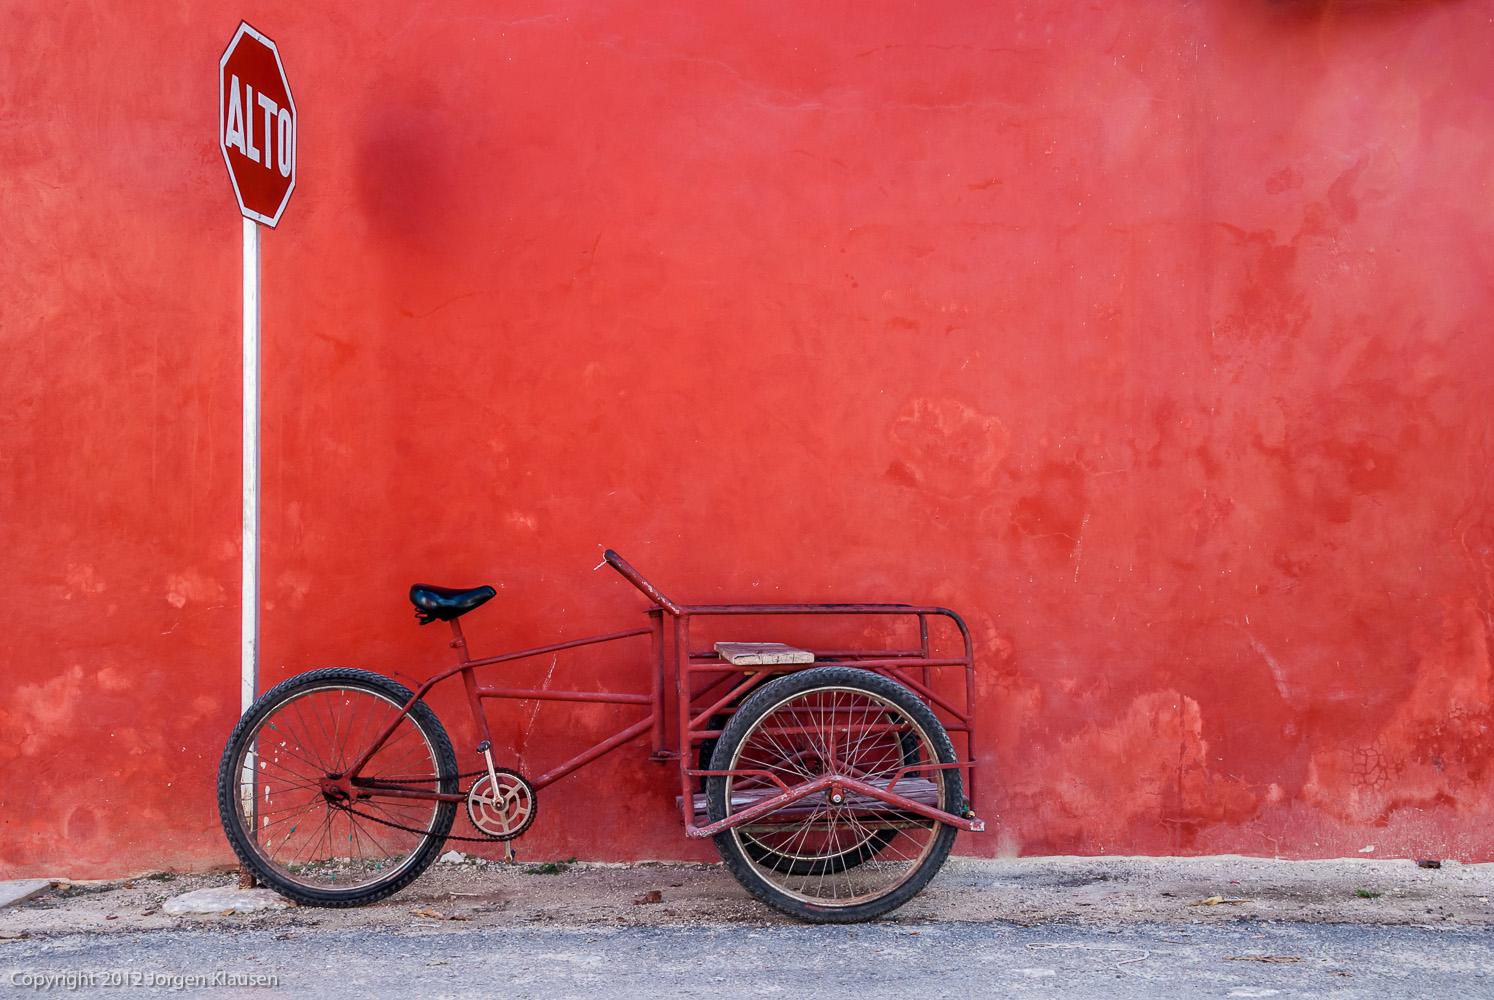 fine art photograph_240